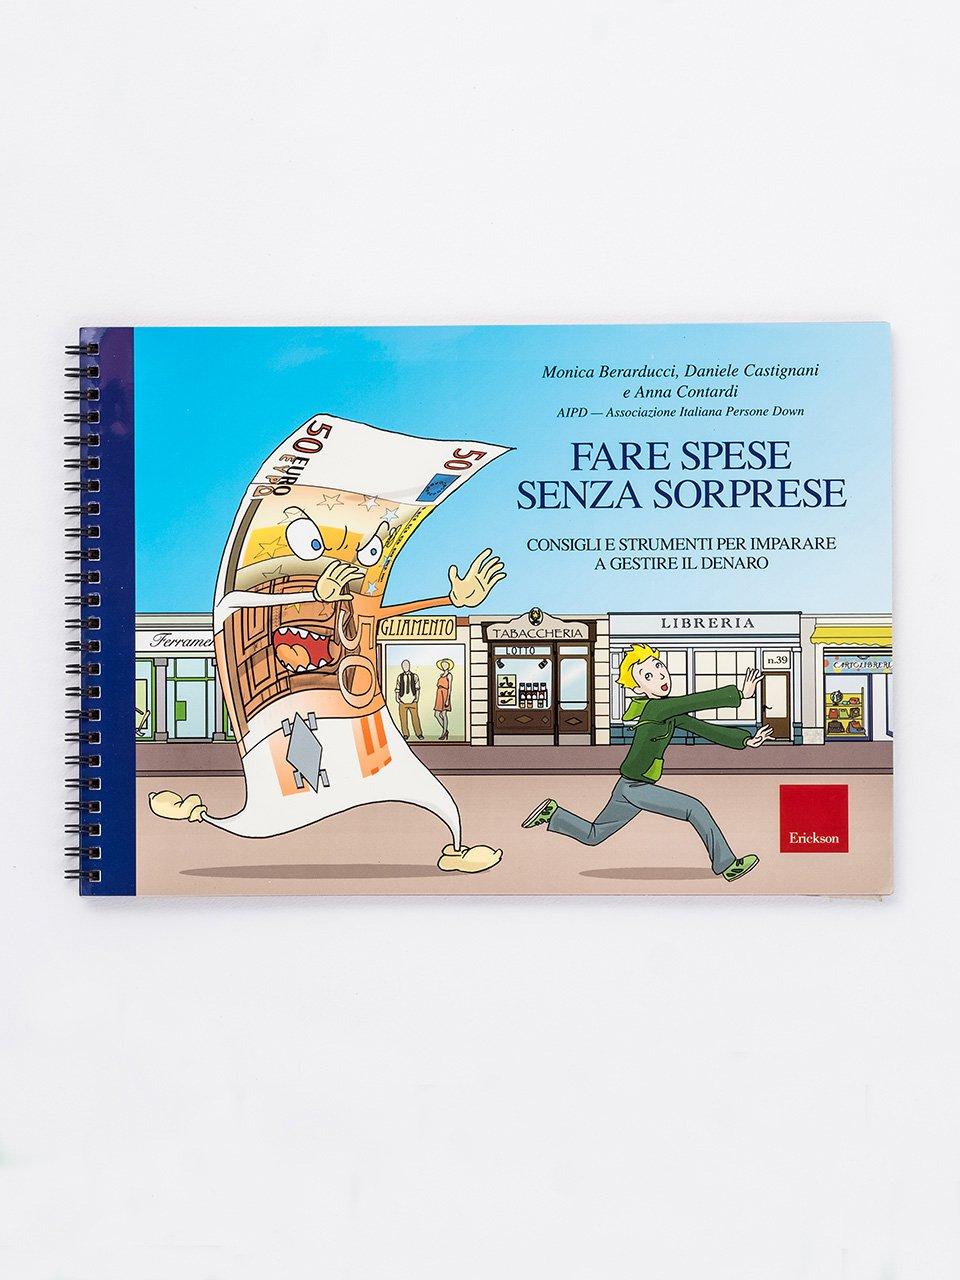 Fare spese senza sorprese - Giorno dopo giorno - Libri - Erickson